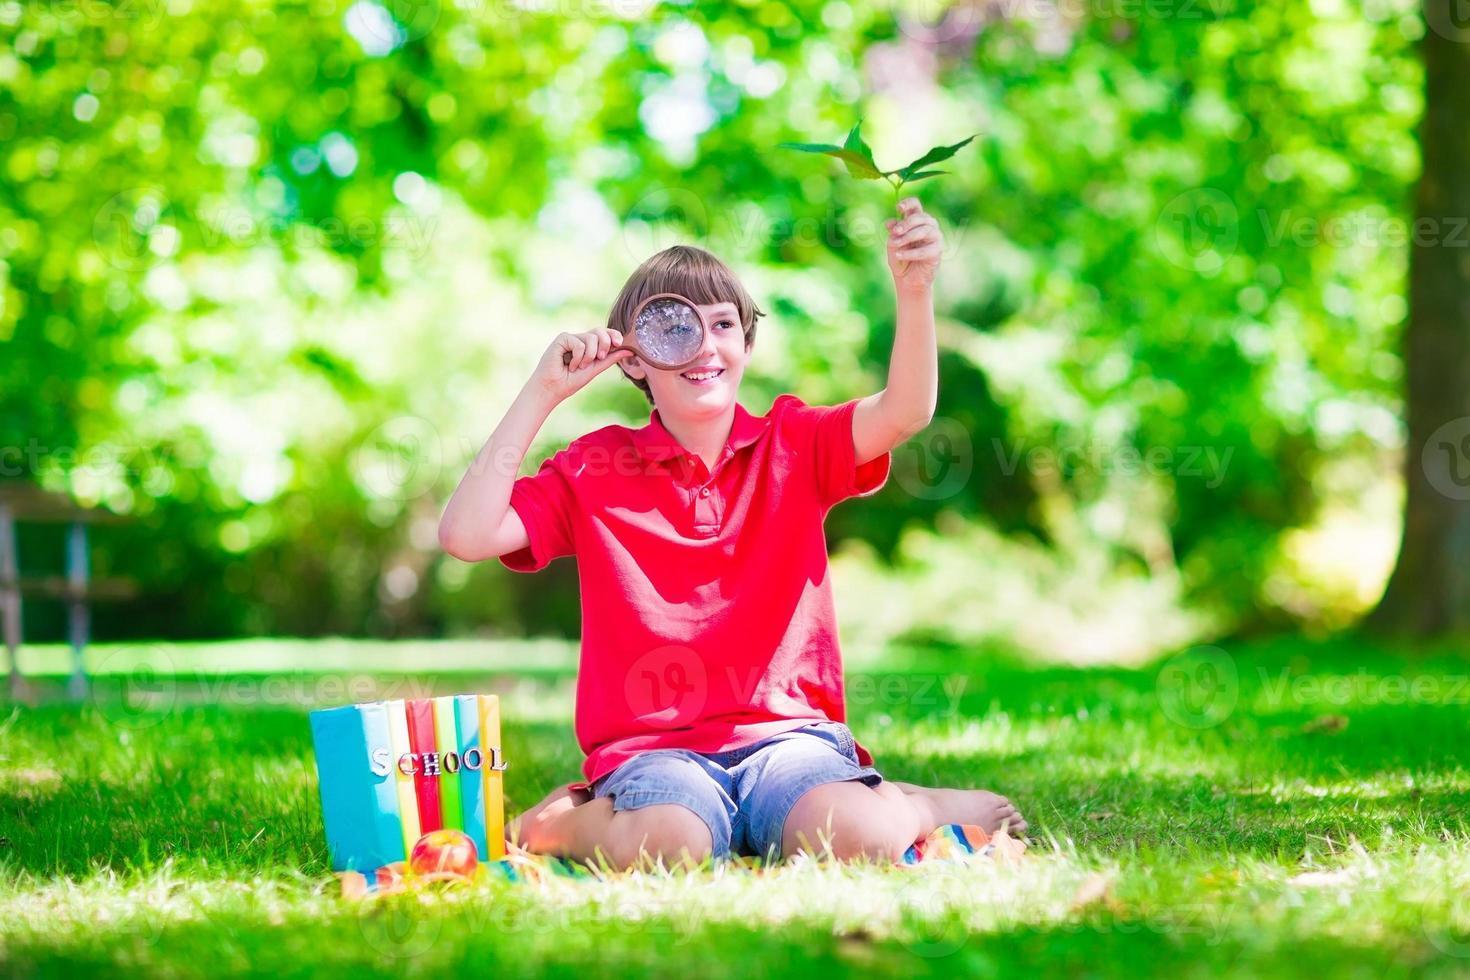 bambino nel cortile della scuola foto